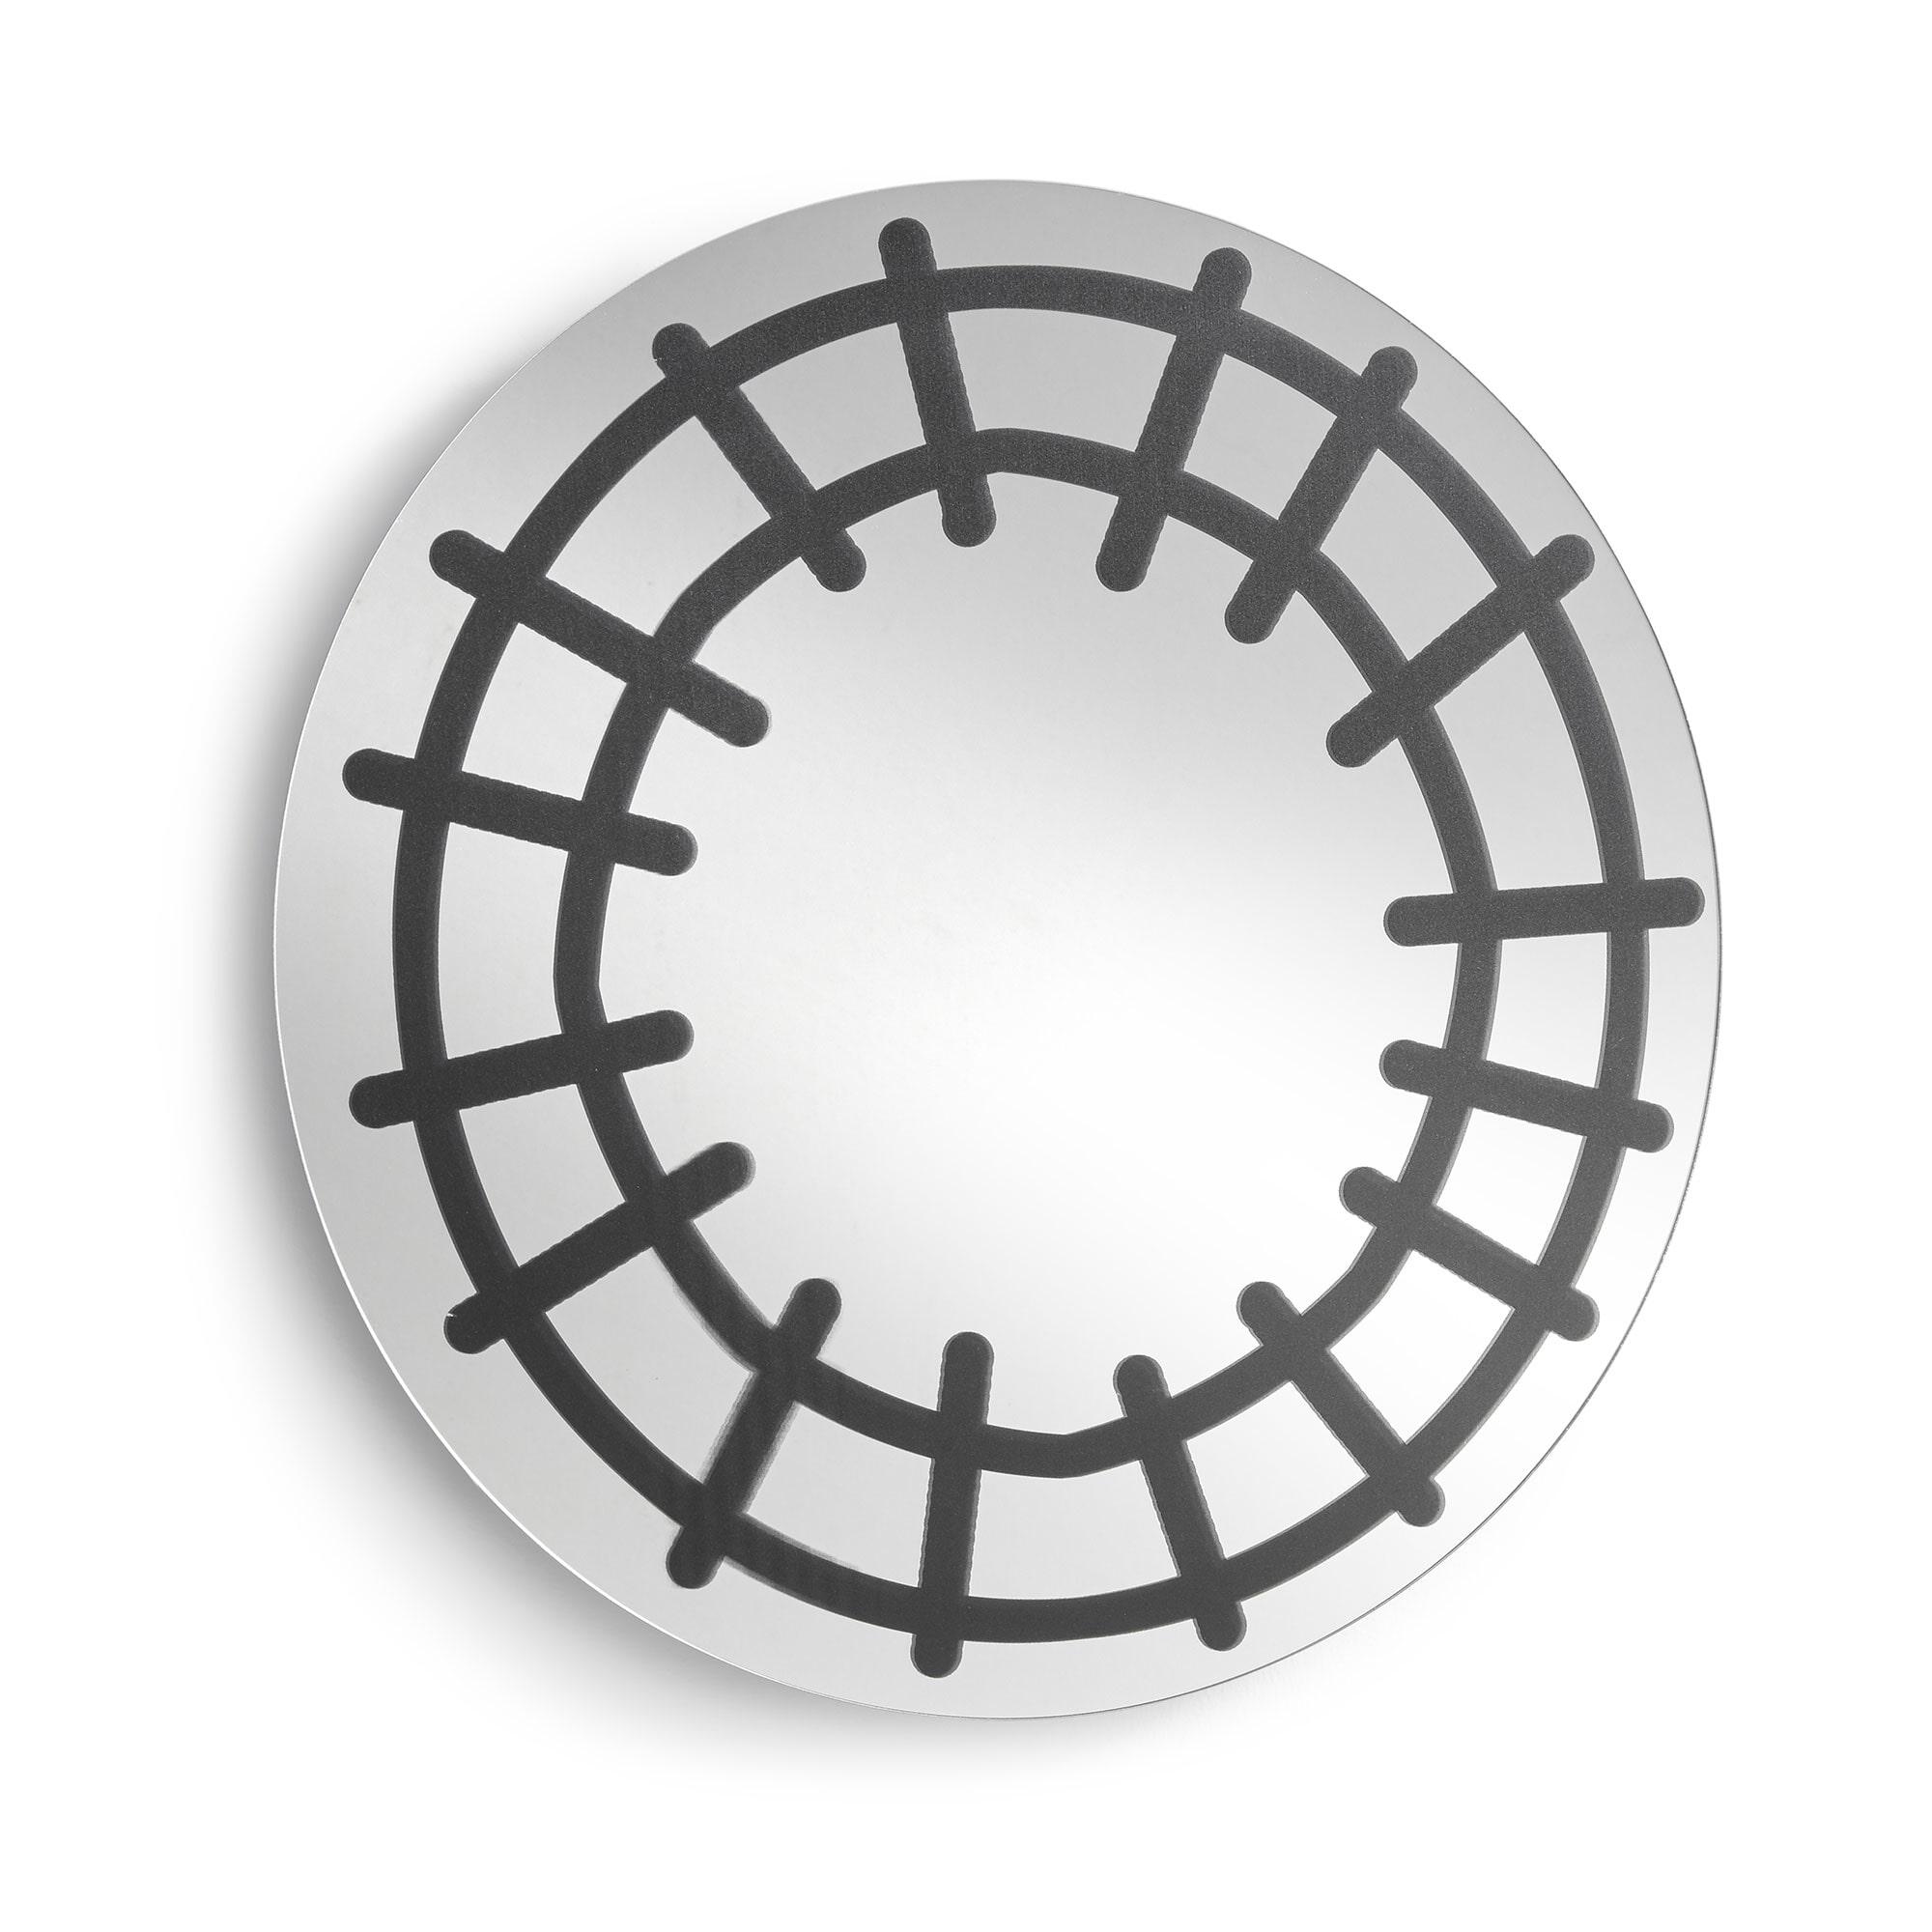 Kave Home Spiegel 'Chatwin' 50cm Woonaccessoires | Spiegels vergelijken doe je het voordeligst hier bij Meubelpartner